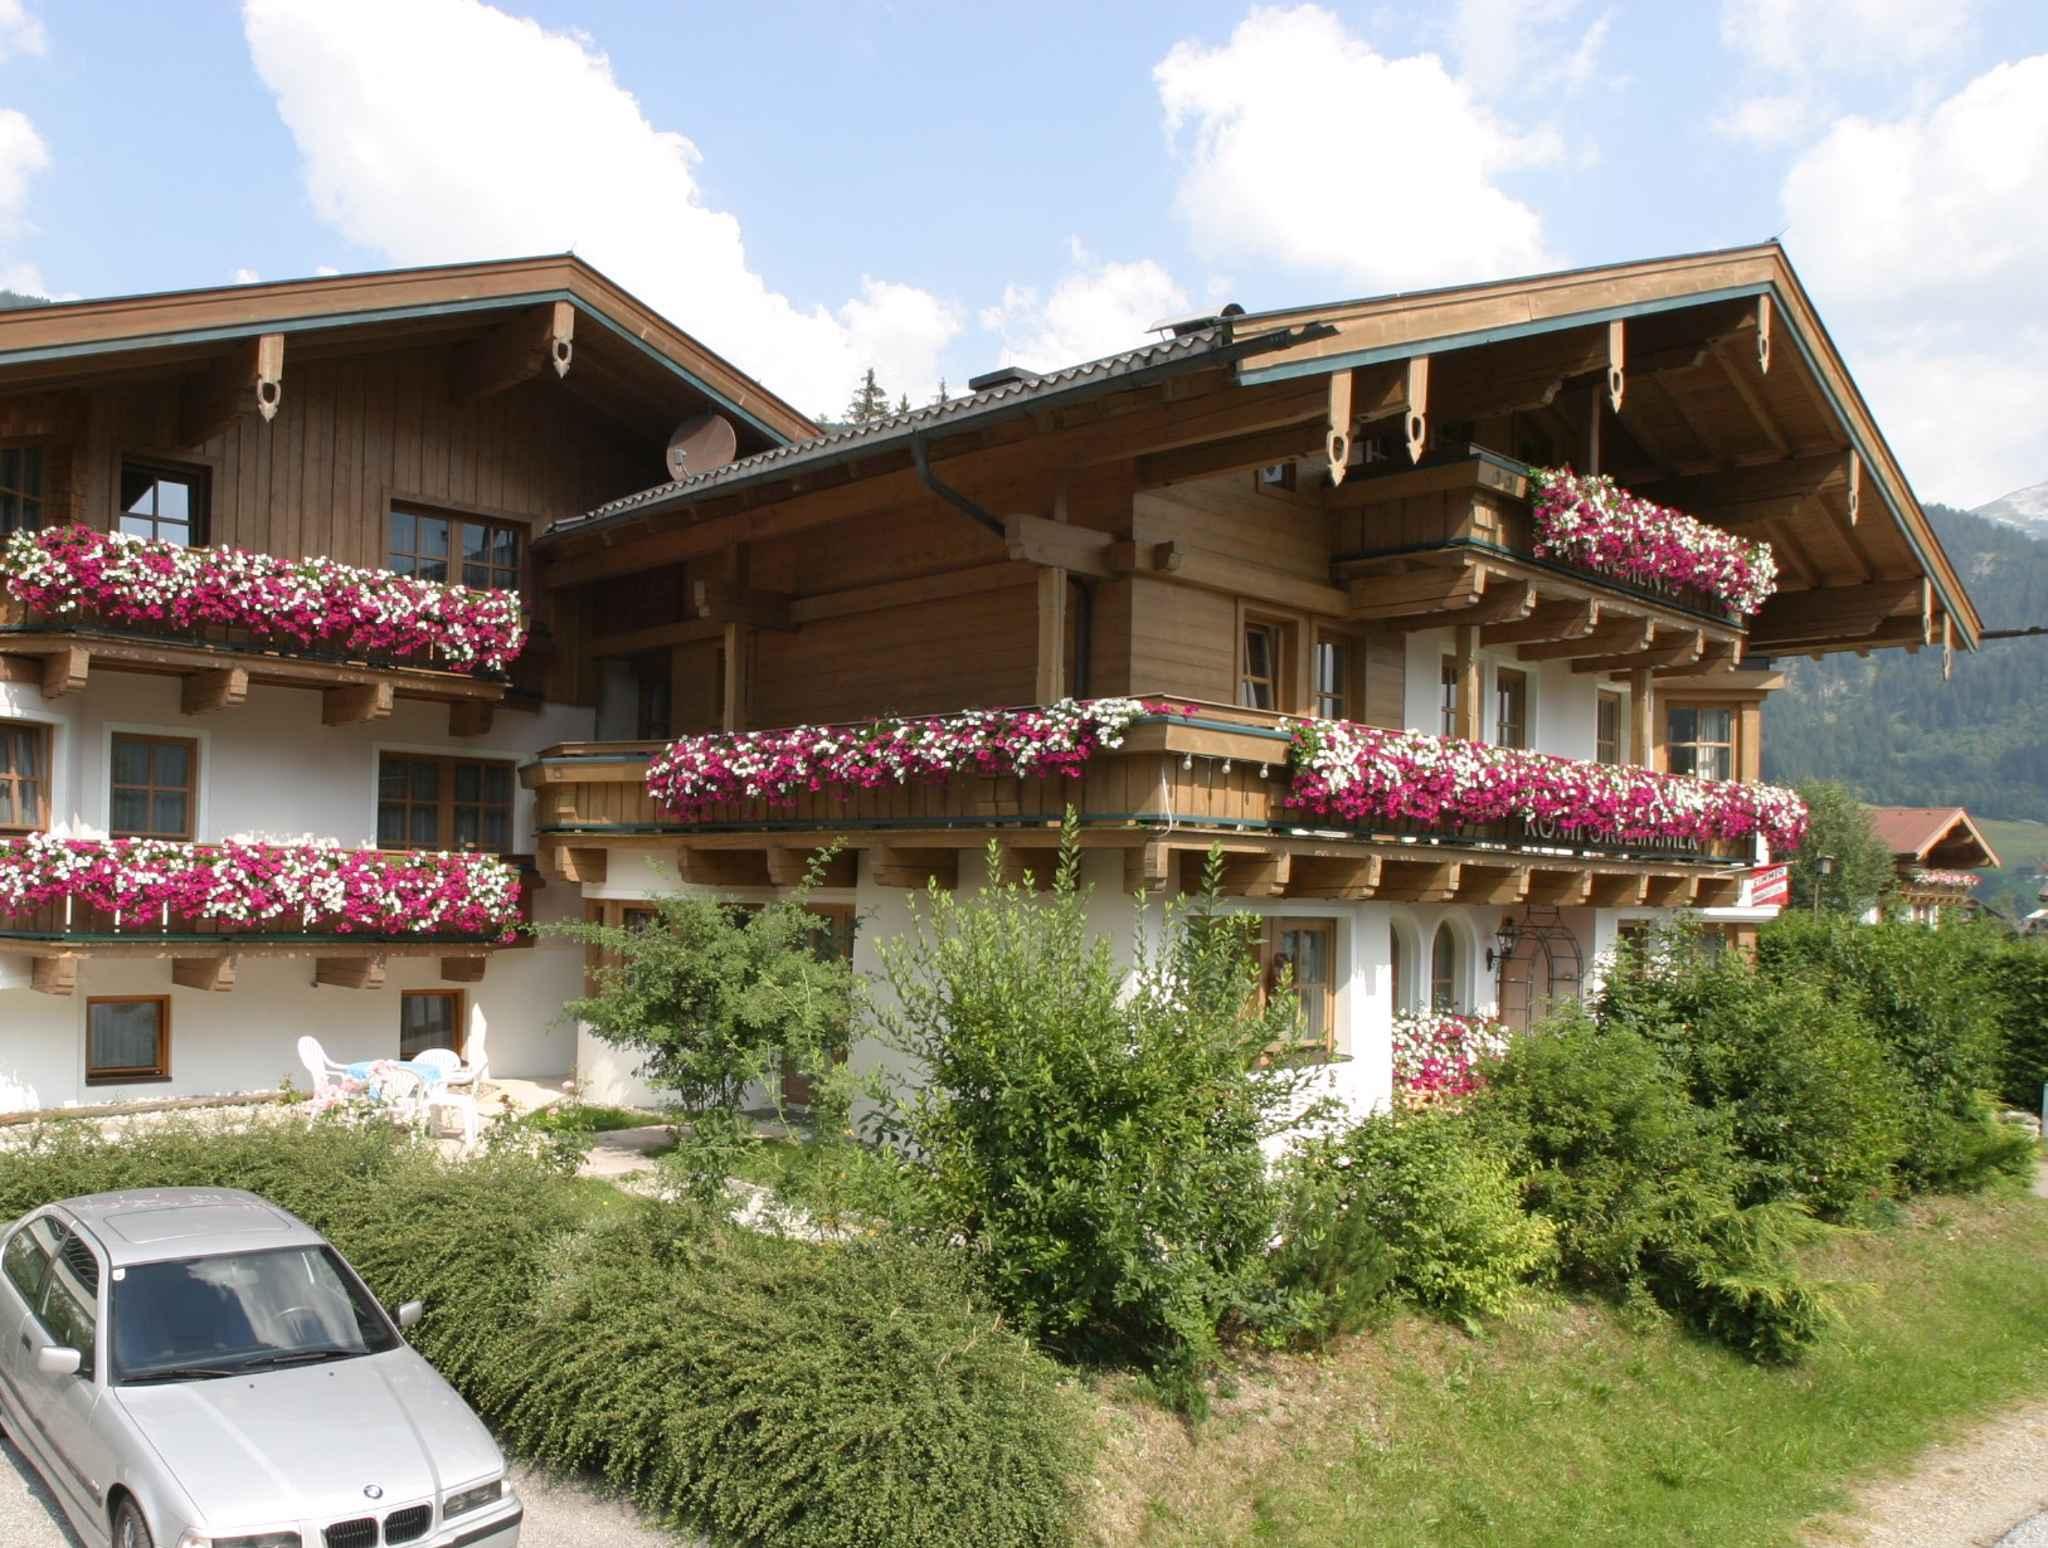 Ferienwohnung mit Wellness in ruhiger Lage (310162), Krimml, Pinzgau, Salzburg, Österreich, Bild 3